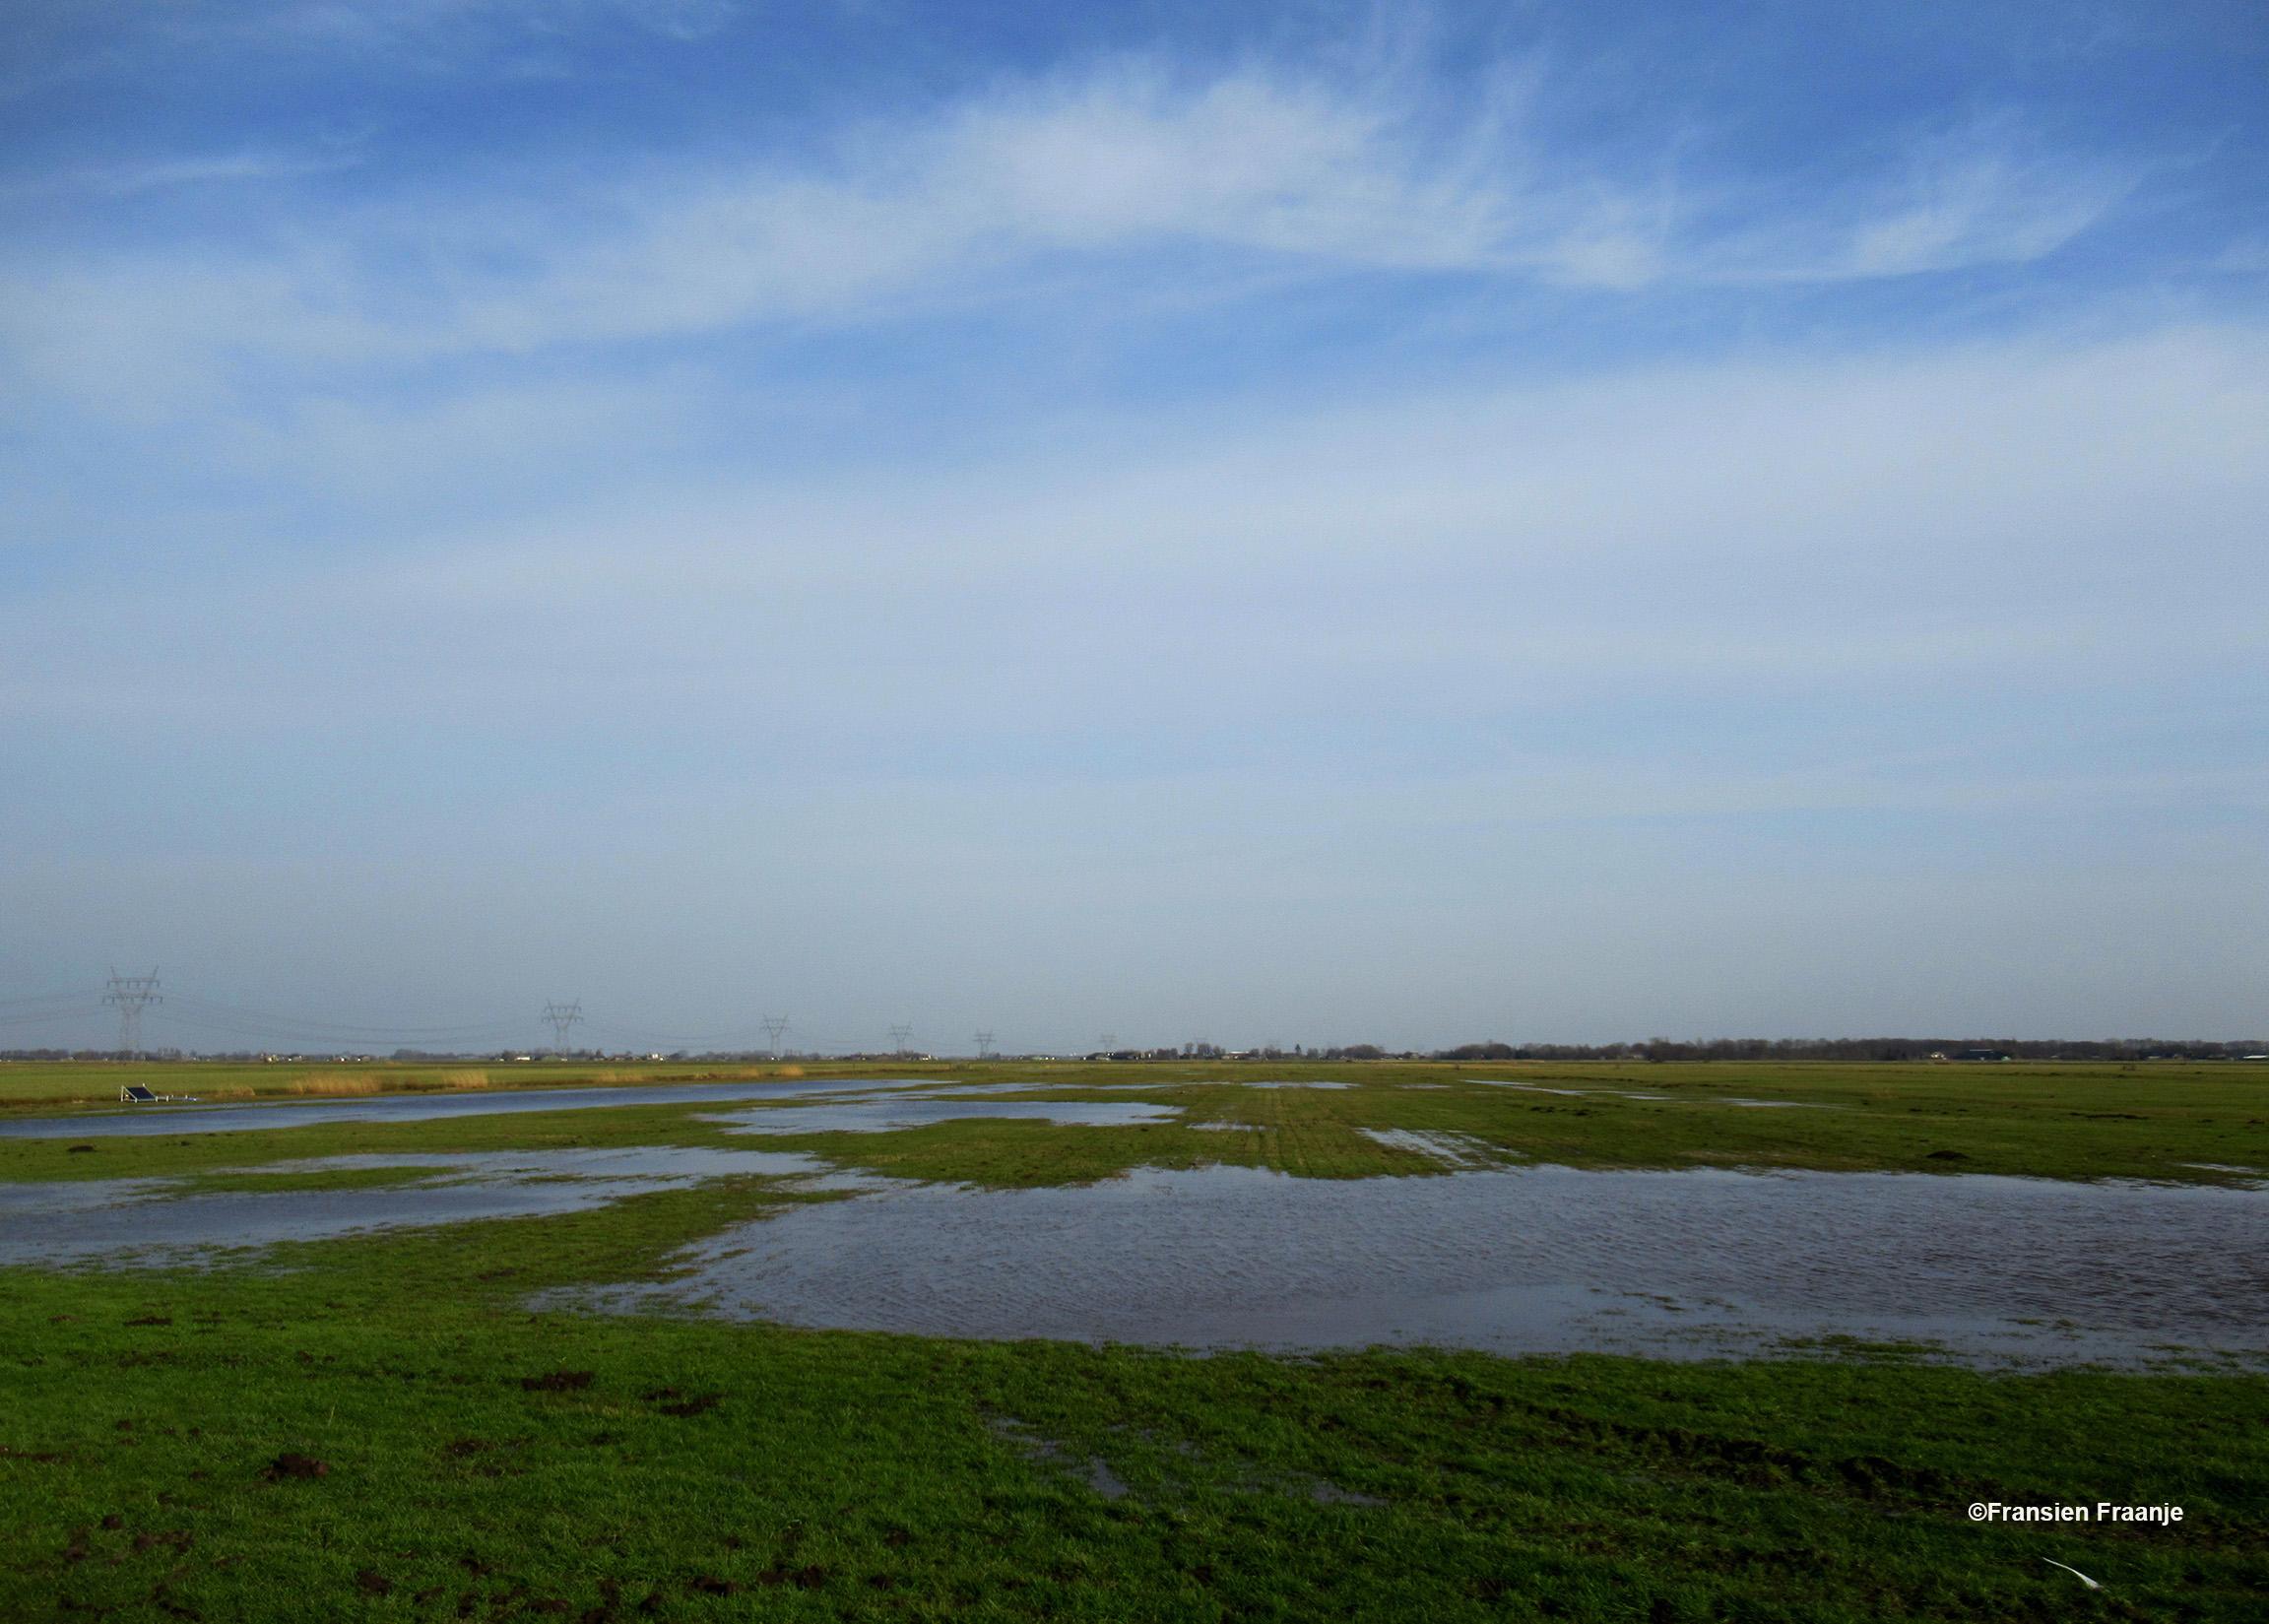 Zoals hier nog iets zichtbaar is van het water in dit natte gebied - Foto: ©Fransien Fraanje